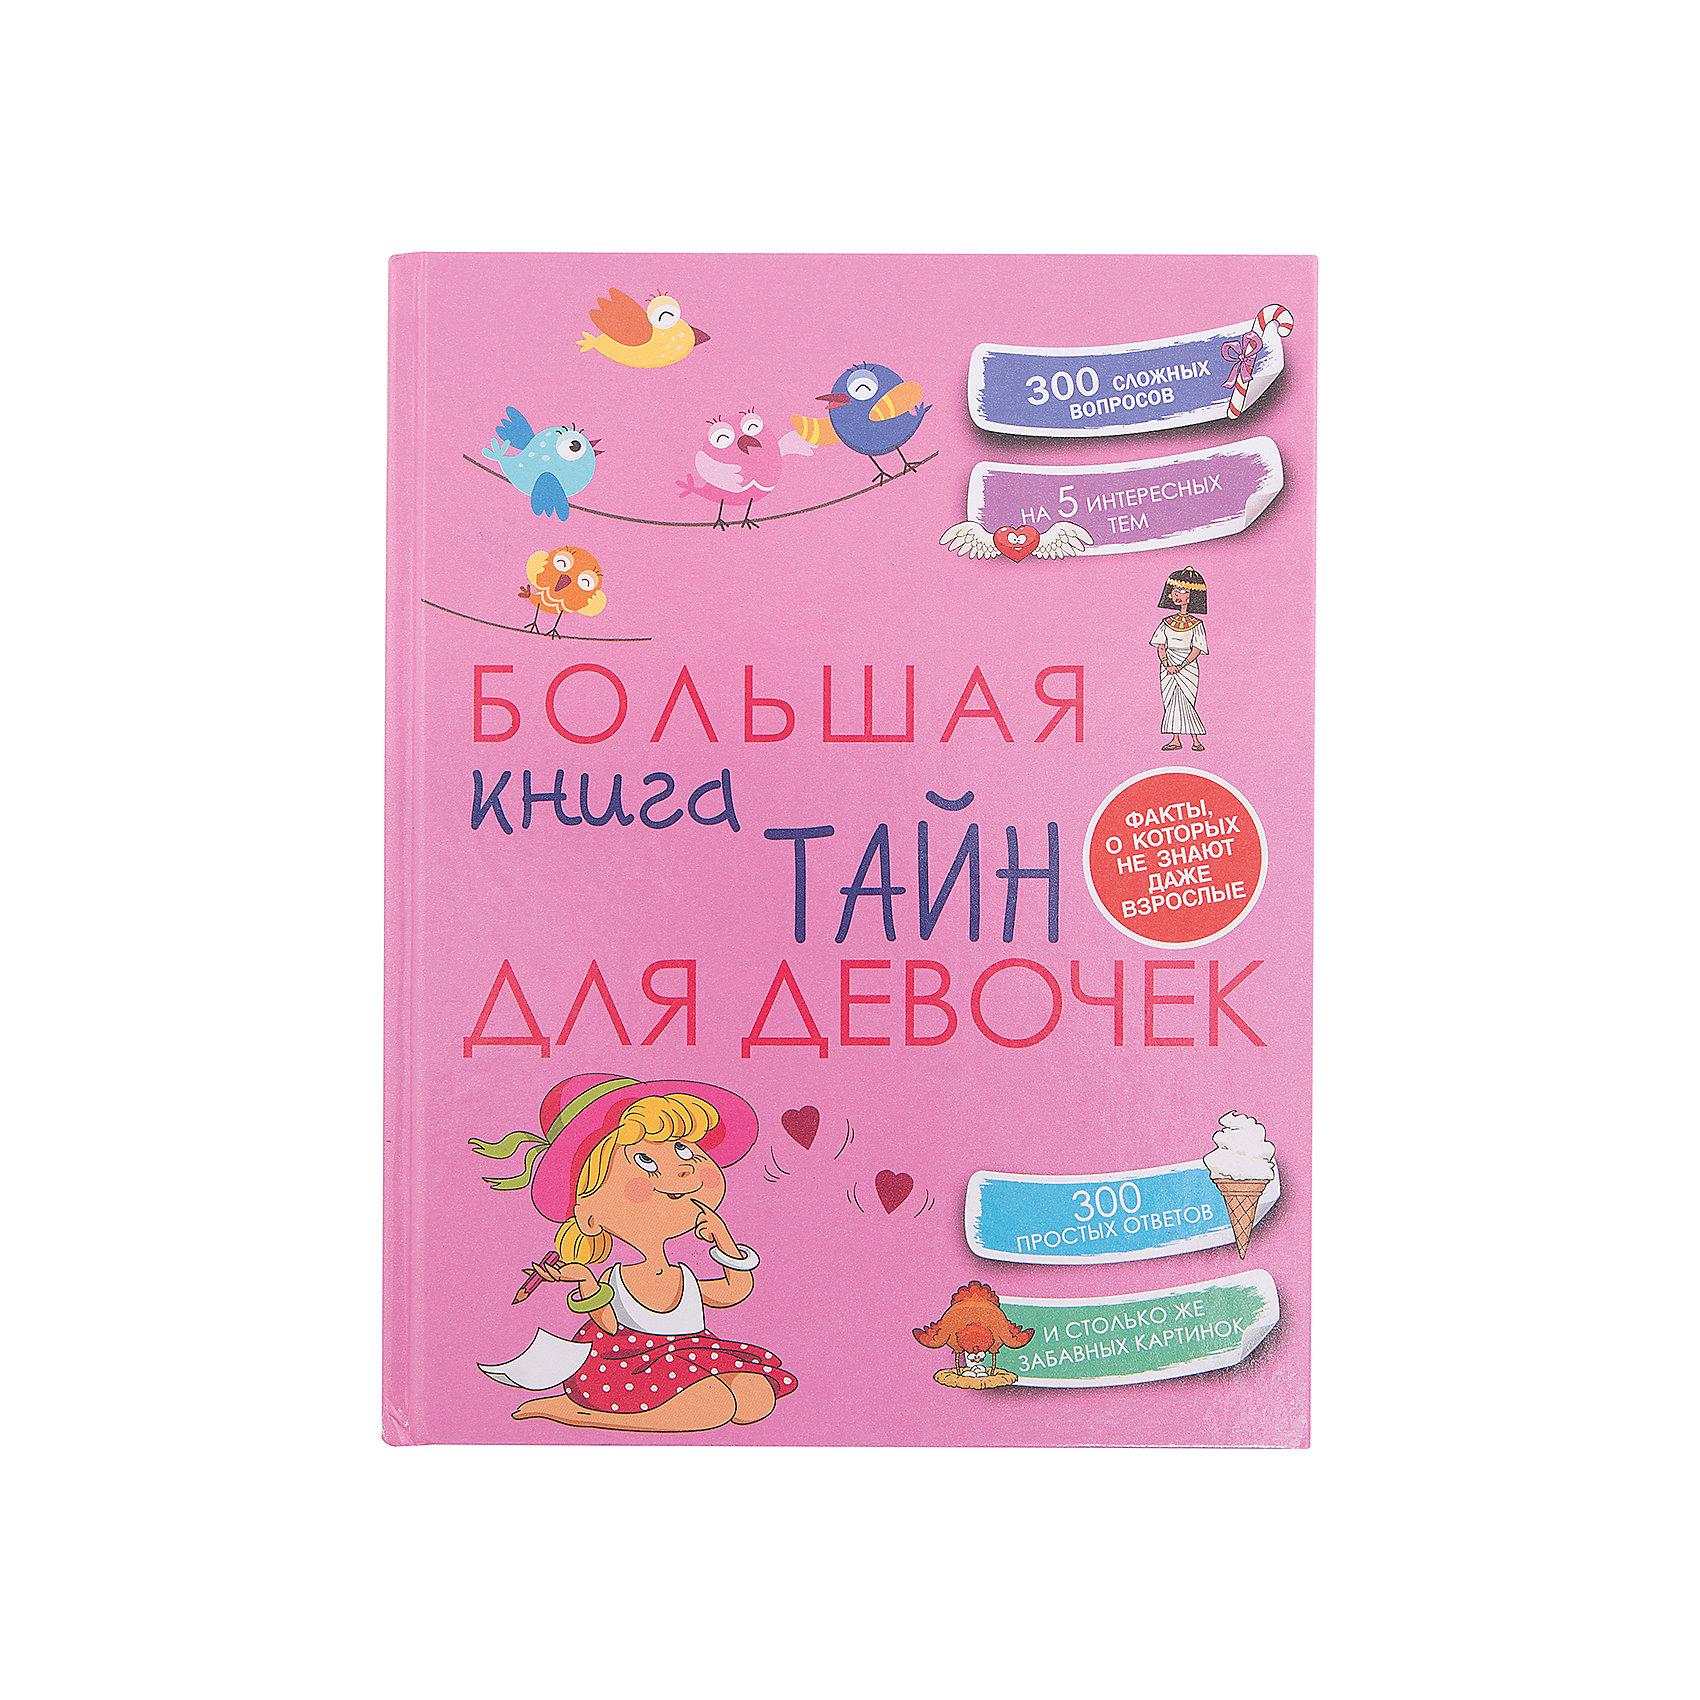 Большая книга тайн для девочекИздательство АСТ<br>Необъятен мир девчоночьих секретов. В нем есть место всему: кулинарным изыскам и тайнам обольщения, загадкам психологии и рецептам хорошего настроения, домашним заботам и шумным вечеринкам. Из этой книги, как из копилки знаний, ты сможешь черпать бесценные секреты и полезные советы на каждый день. Здесь ты найдешь всё, что необходимо знать каждой девчонке.  Как расположить к себе окружающих? Как провести «ревизию» в шкафу? Что нельзя делать за столом, а что — на пляже? Как собрать чемодан в дорогу и ничего не забыть? Как стать «своей» на отдыхе за границей? Как приготовить лучший в мире борщ?  Как развить вкус, не потеряв своего стиля? Как из обычной тарелки сделать изысканный подарок?  Настоящие девчонки всегда хотят бОльшего – именно для них и создана эта «Большая копилка секретов для девочек».<br><br>Ширина мм: 255<br>Глубина мм: 197<br>Высота мм: 210<br>Вес г: 825<br>Возраст от месяцев: 84<br>Возраст до месяцев: 2147483647<br>Пол: Женский<br>Возраст: Детский<br>SKU: 6848283